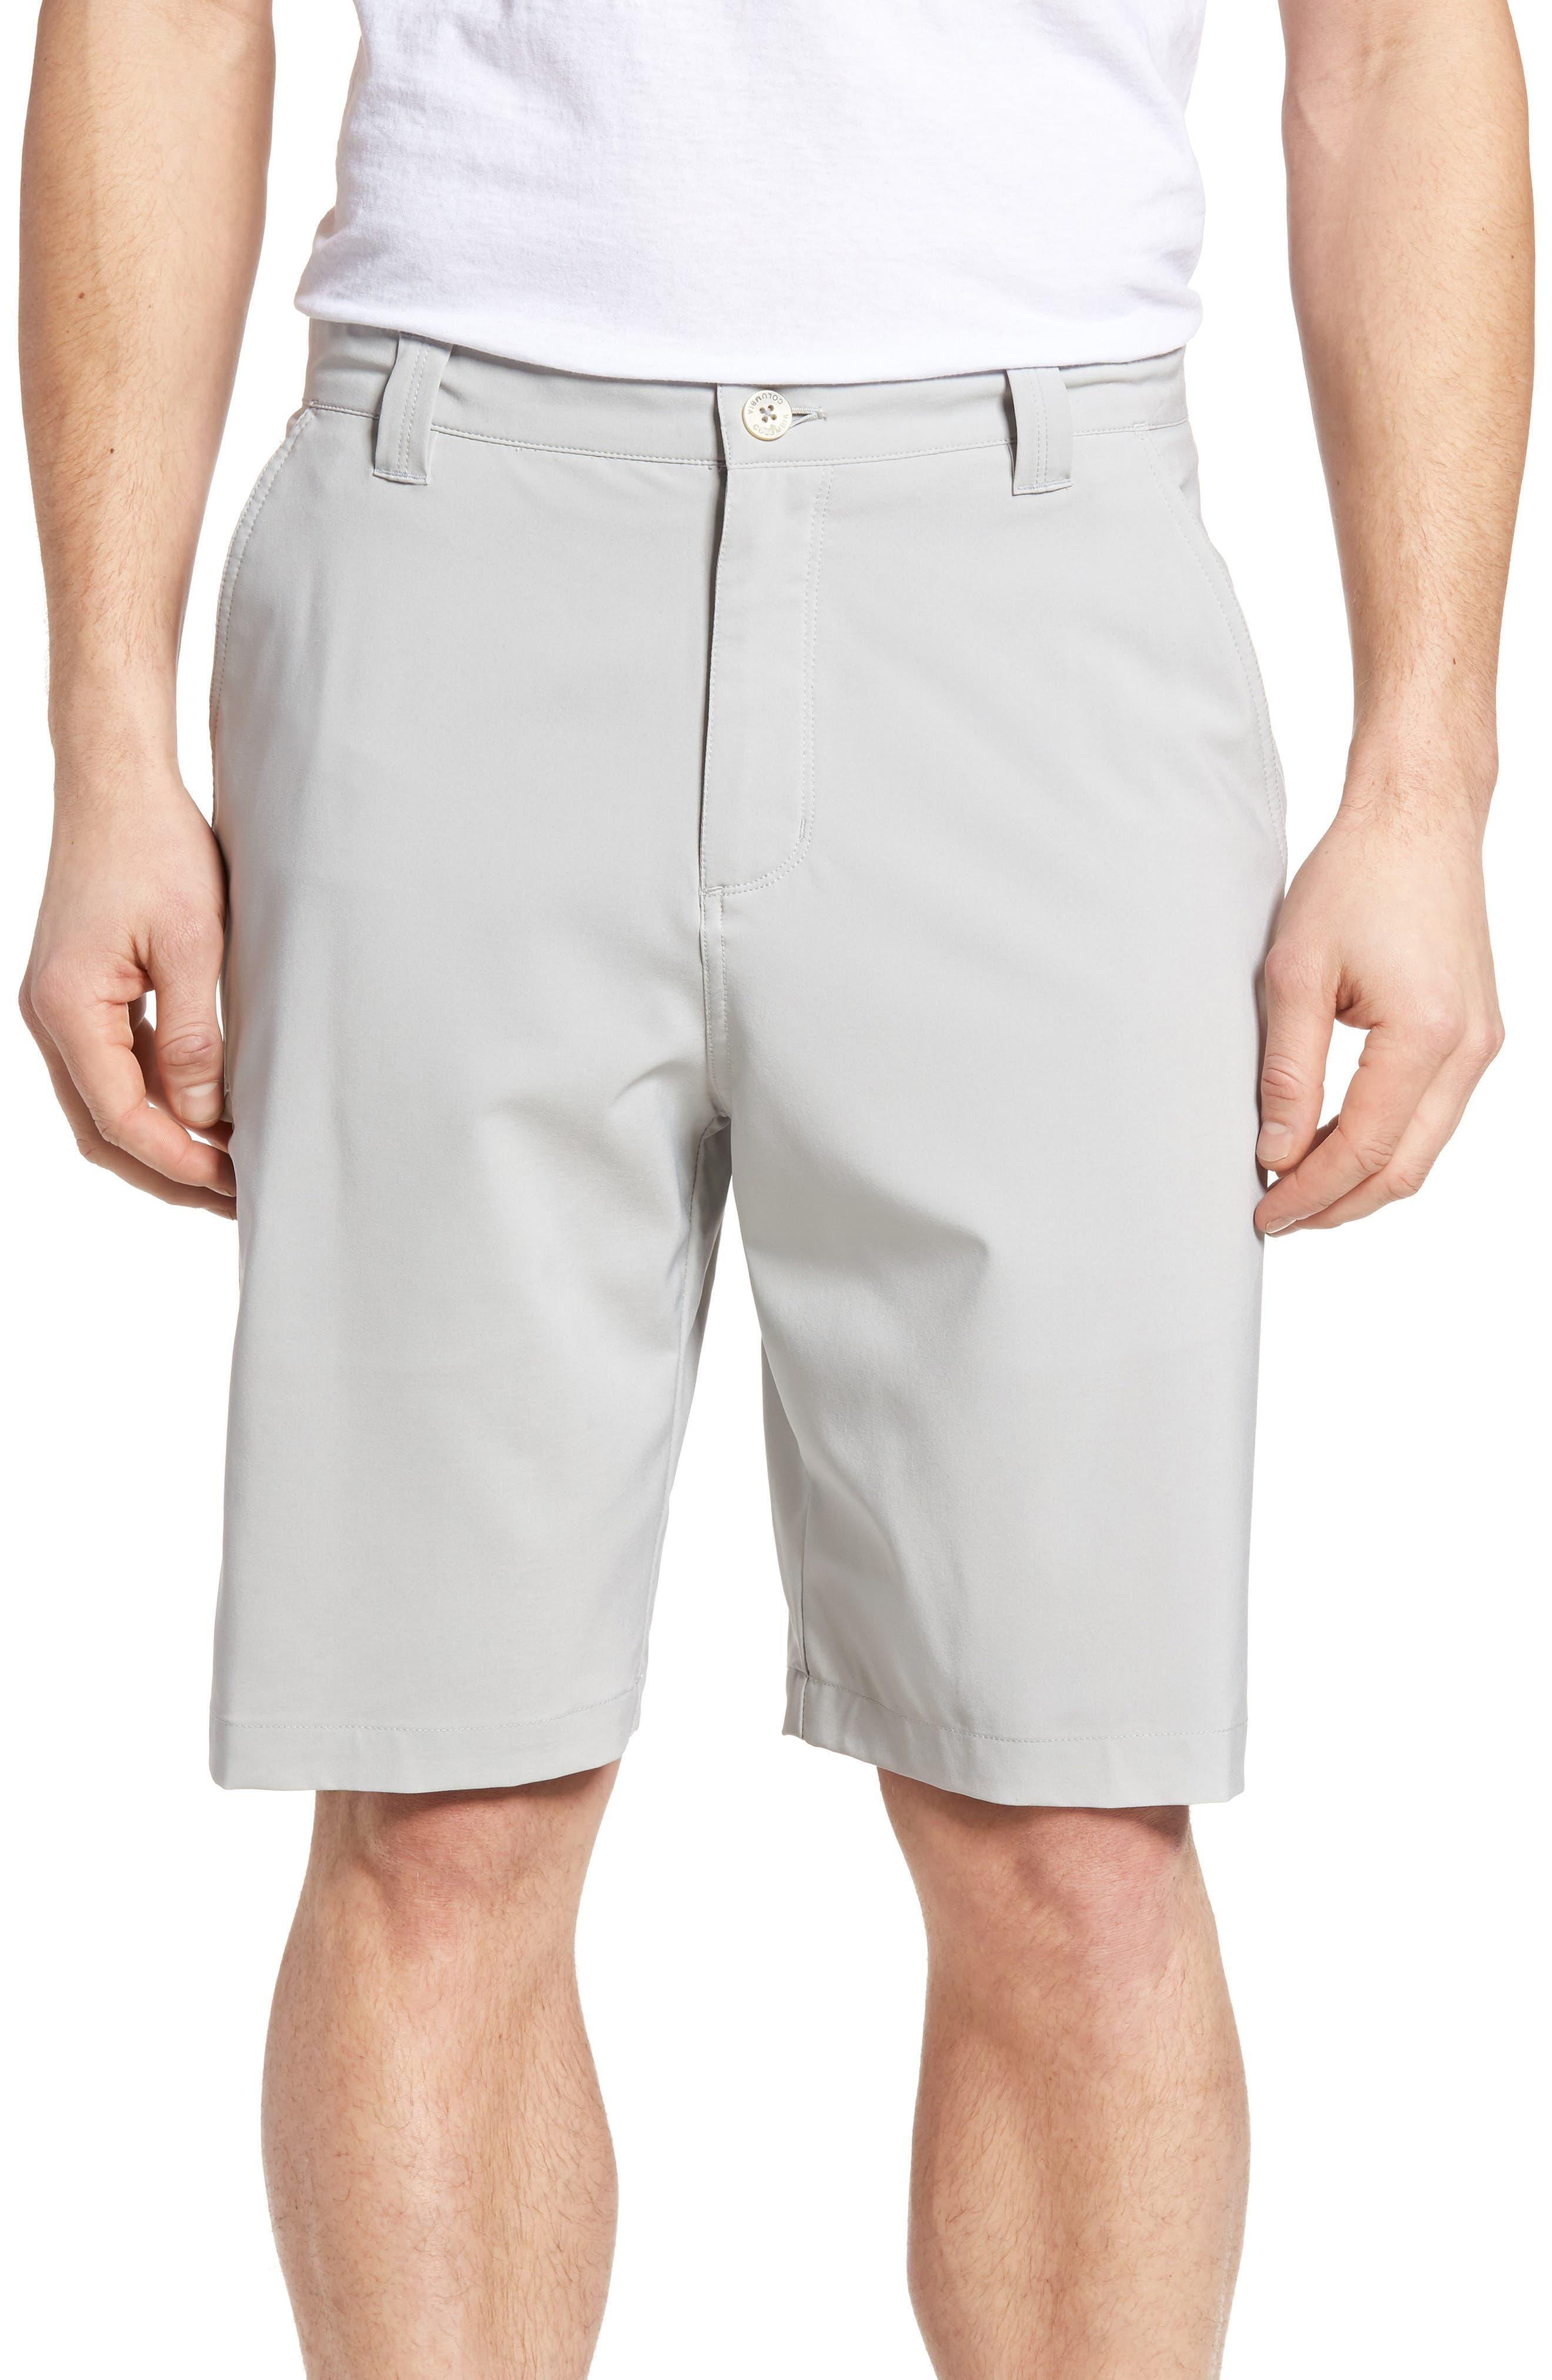 Columbia PFG Grander Marlin II Shorts